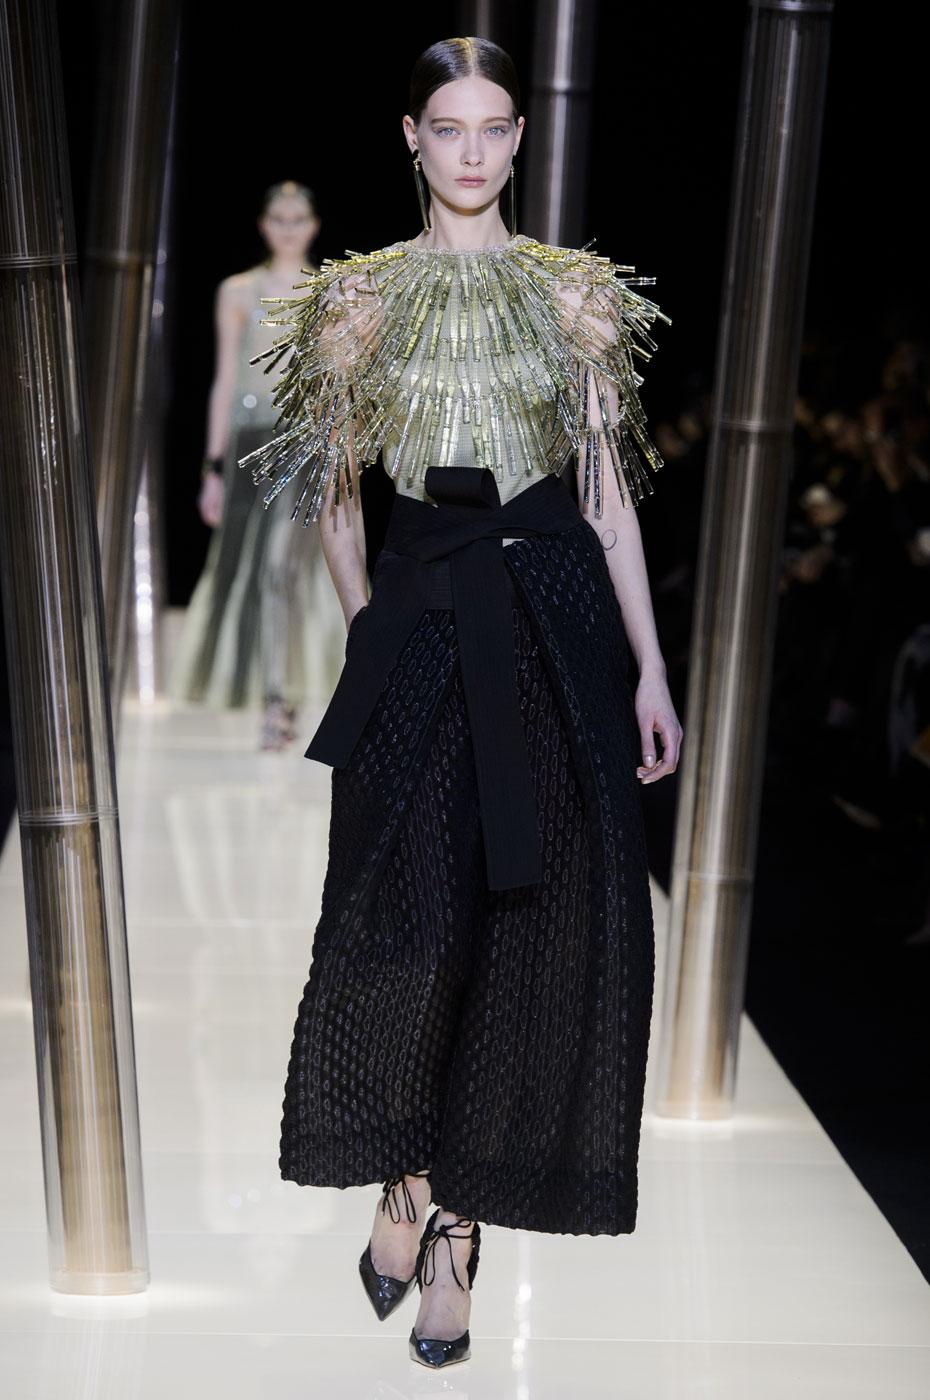 Giorgio-armani-Prive-fashion-runway-show-haute-couture-paris-spring-2015-the-impression-055